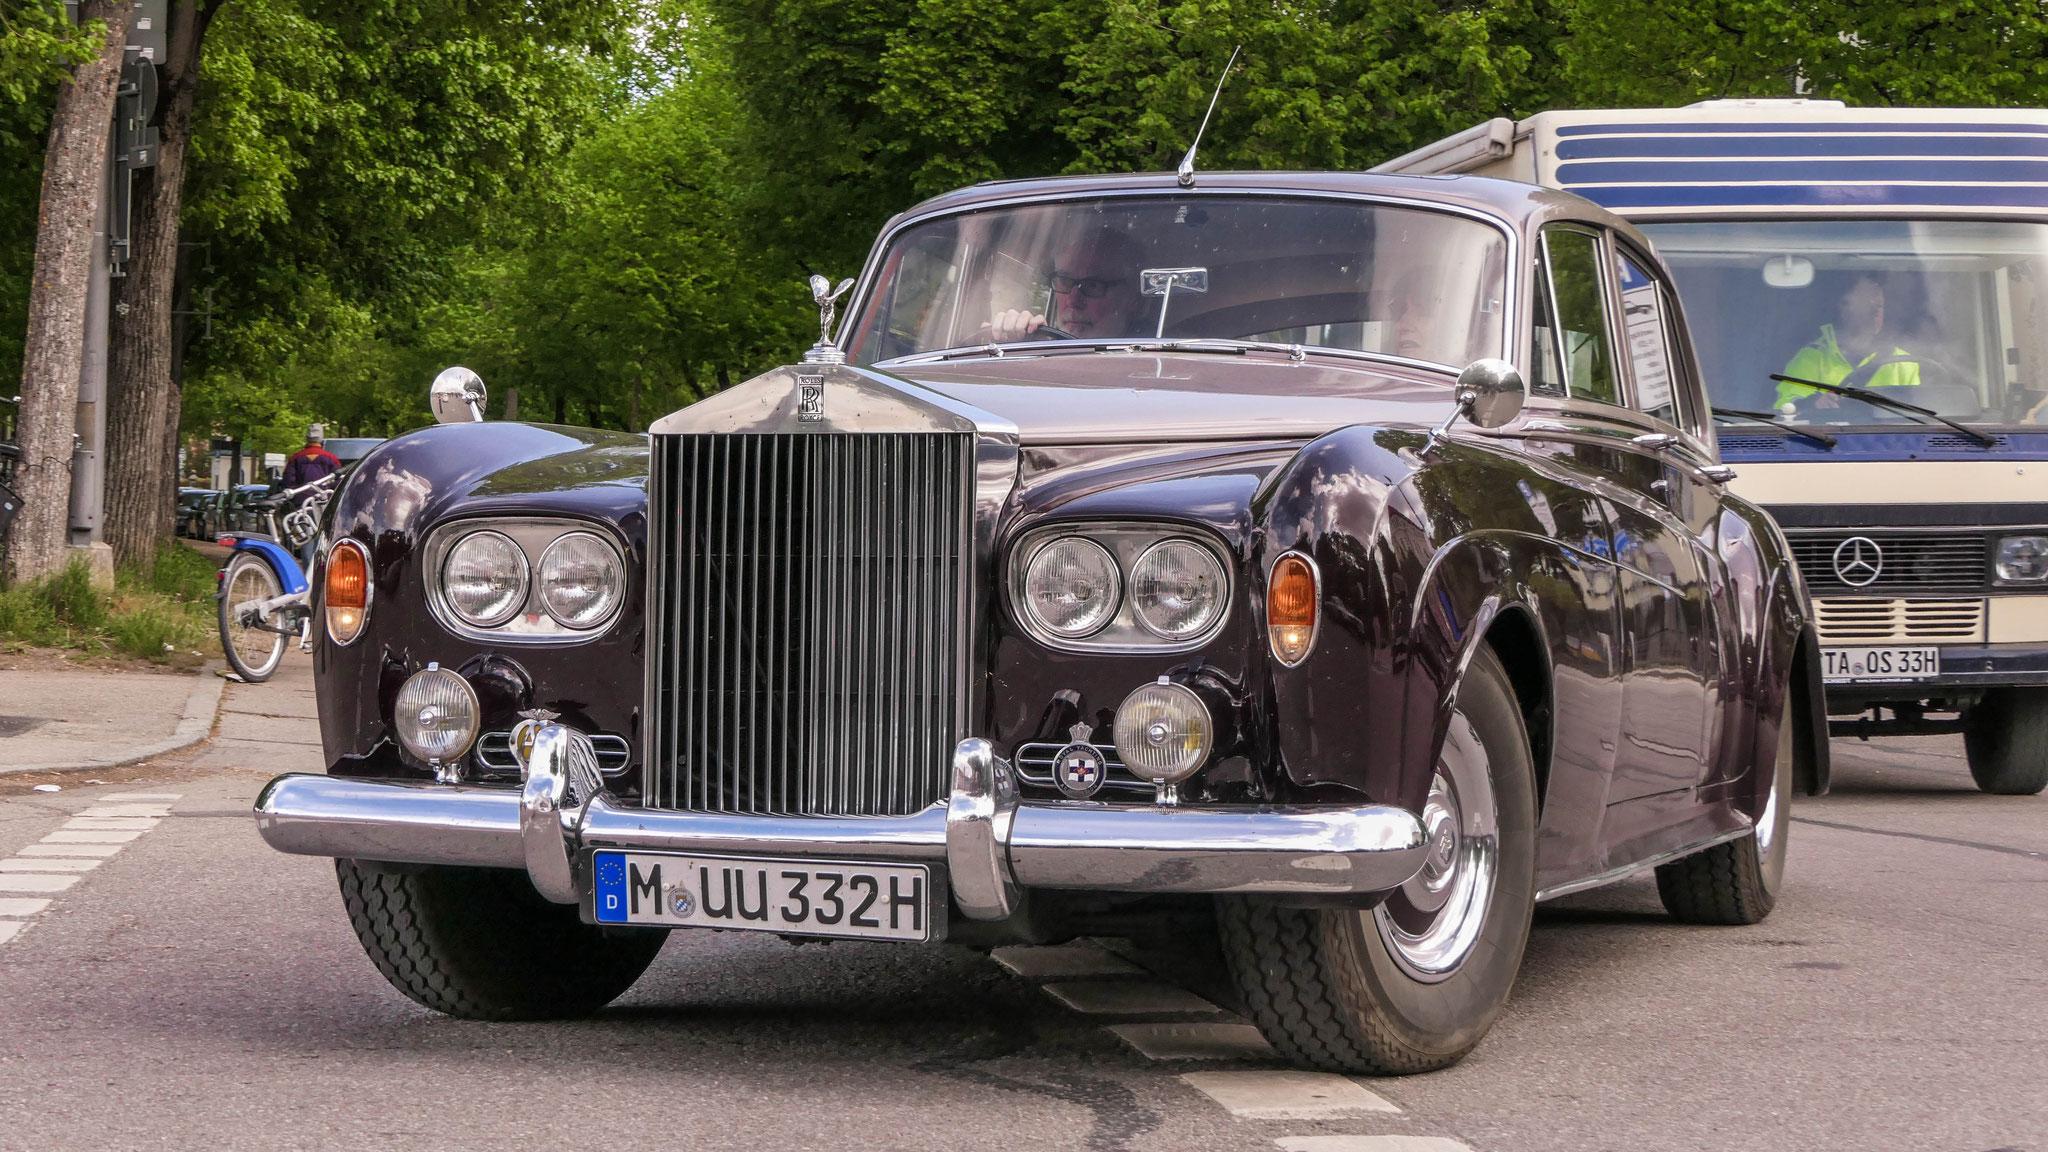 Rolls Royce Silver Cloud III - M-UU-332H